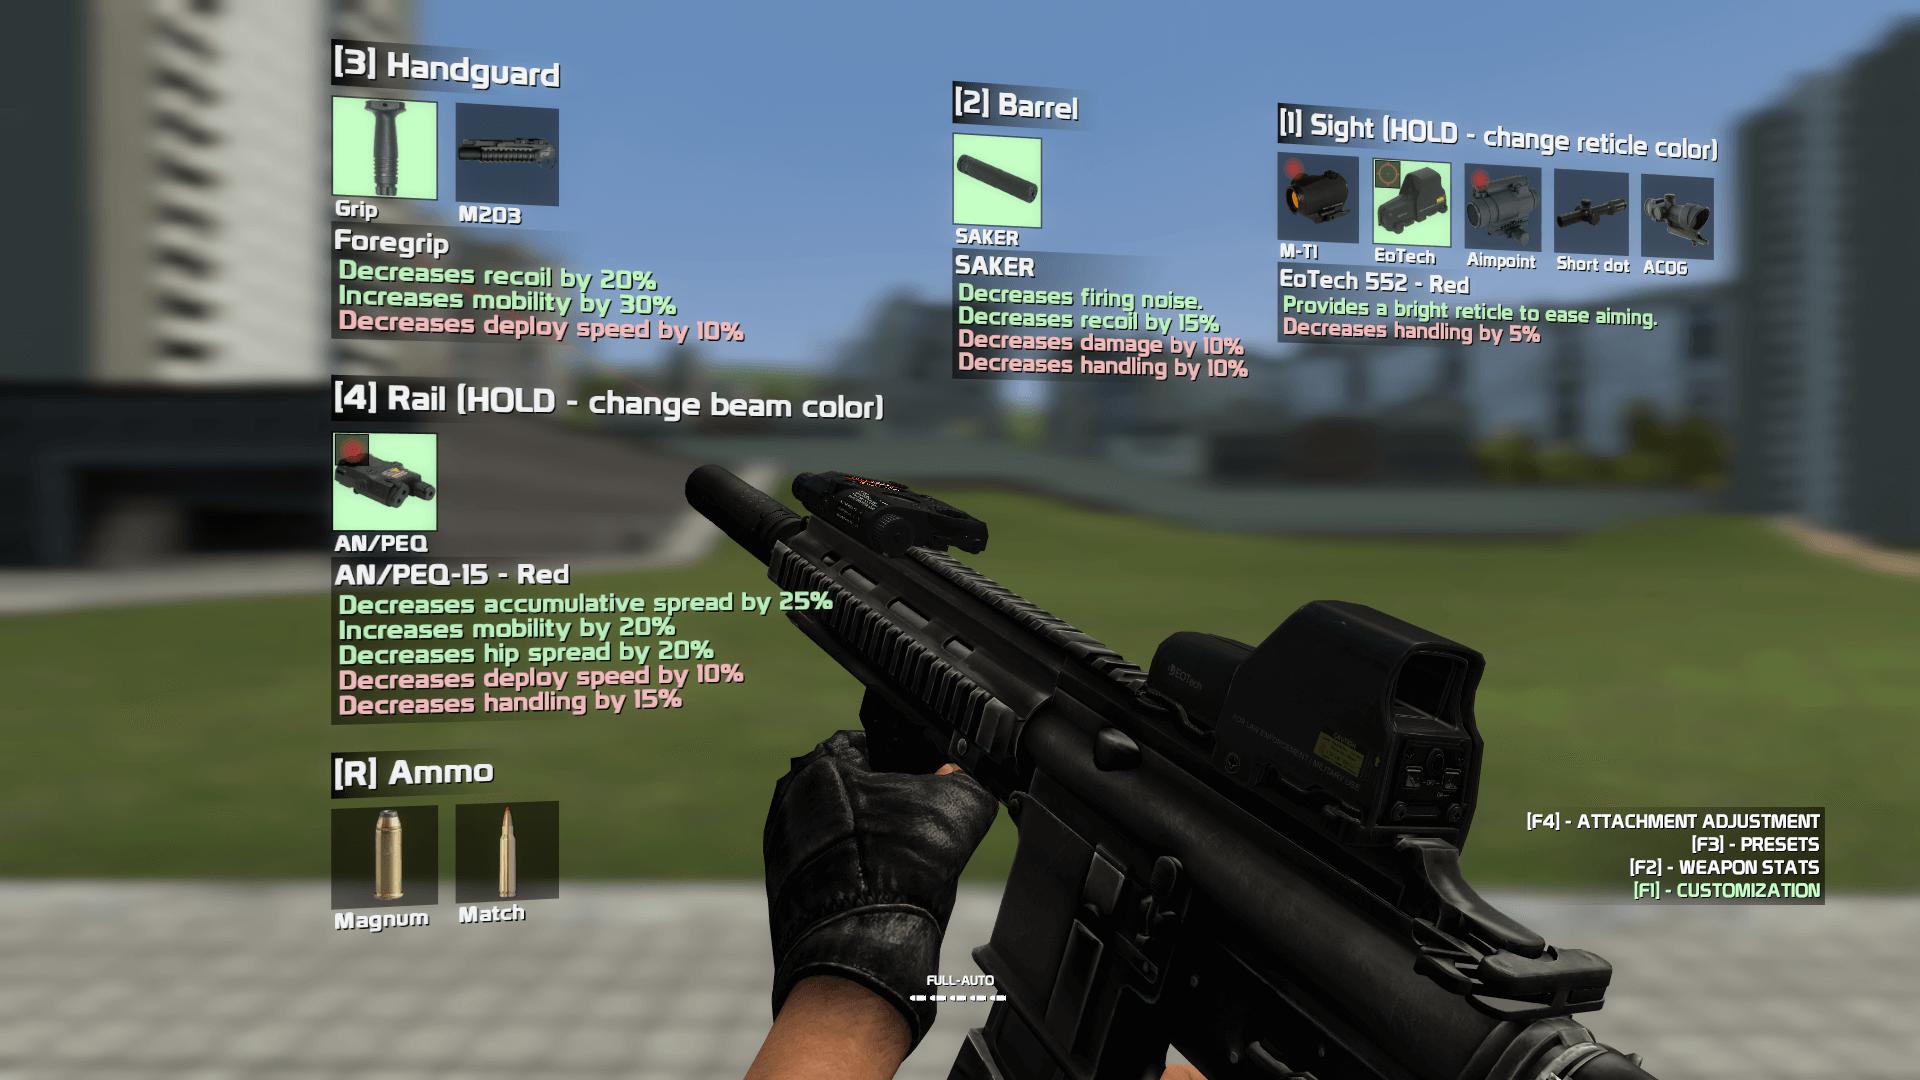 Garry's Mod 13 - HK416C [CW 2.0]